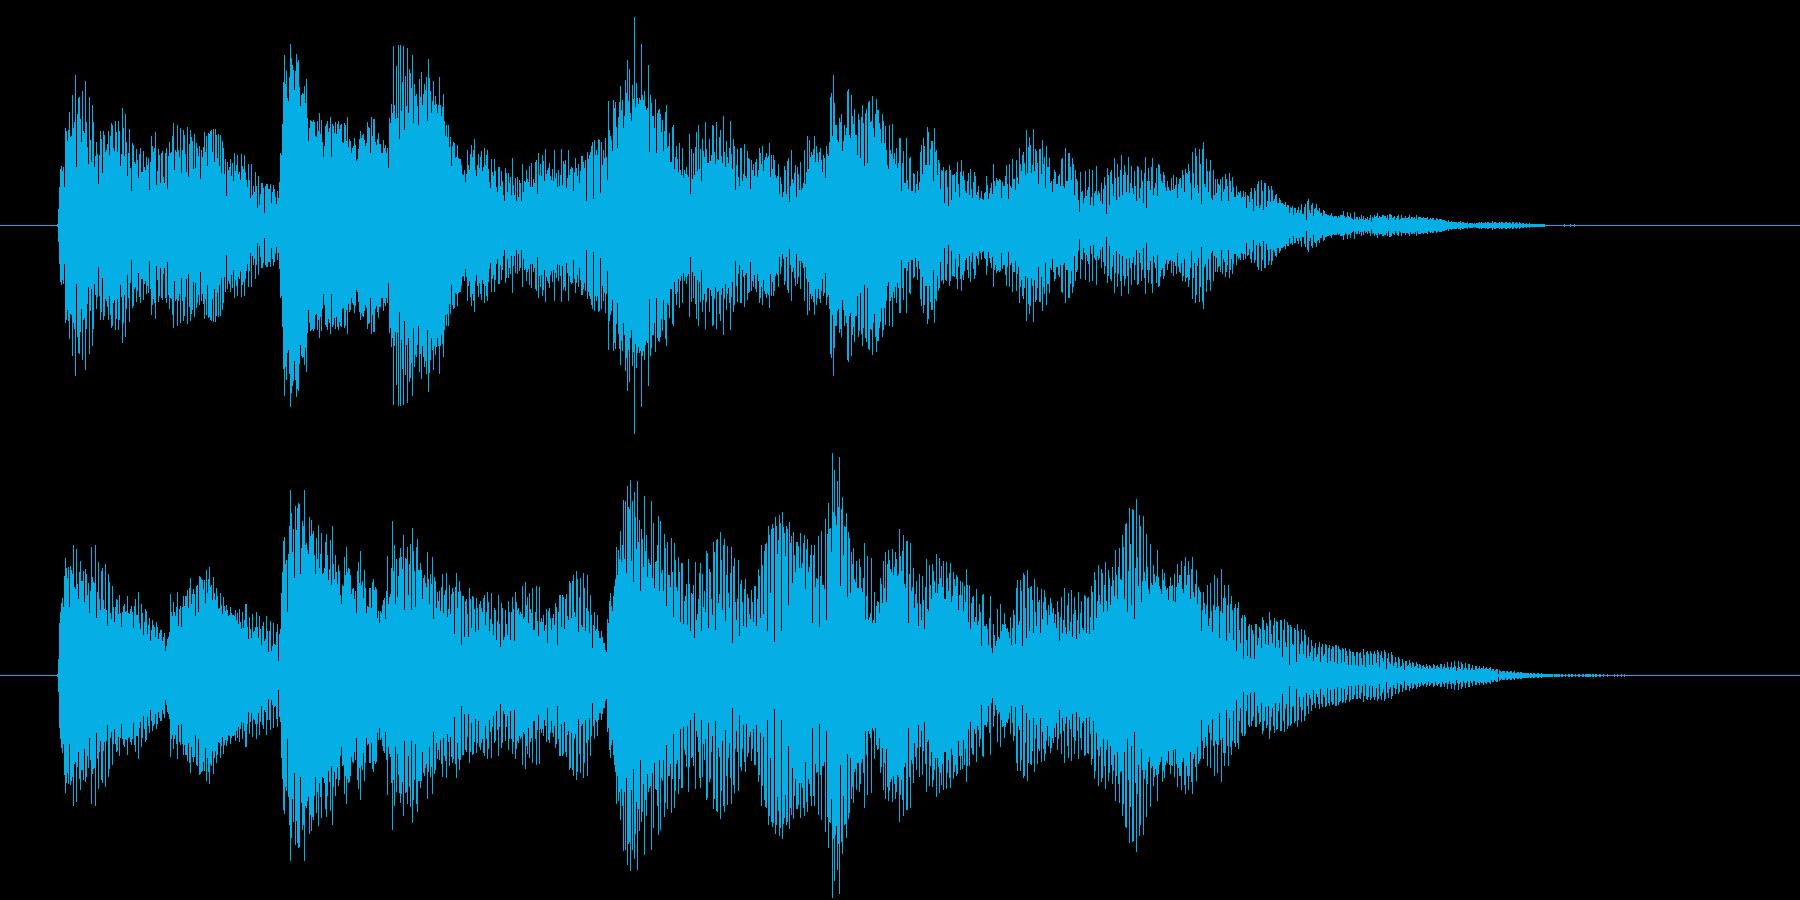 パソコンを起動するときの様な音の再生済みの波形